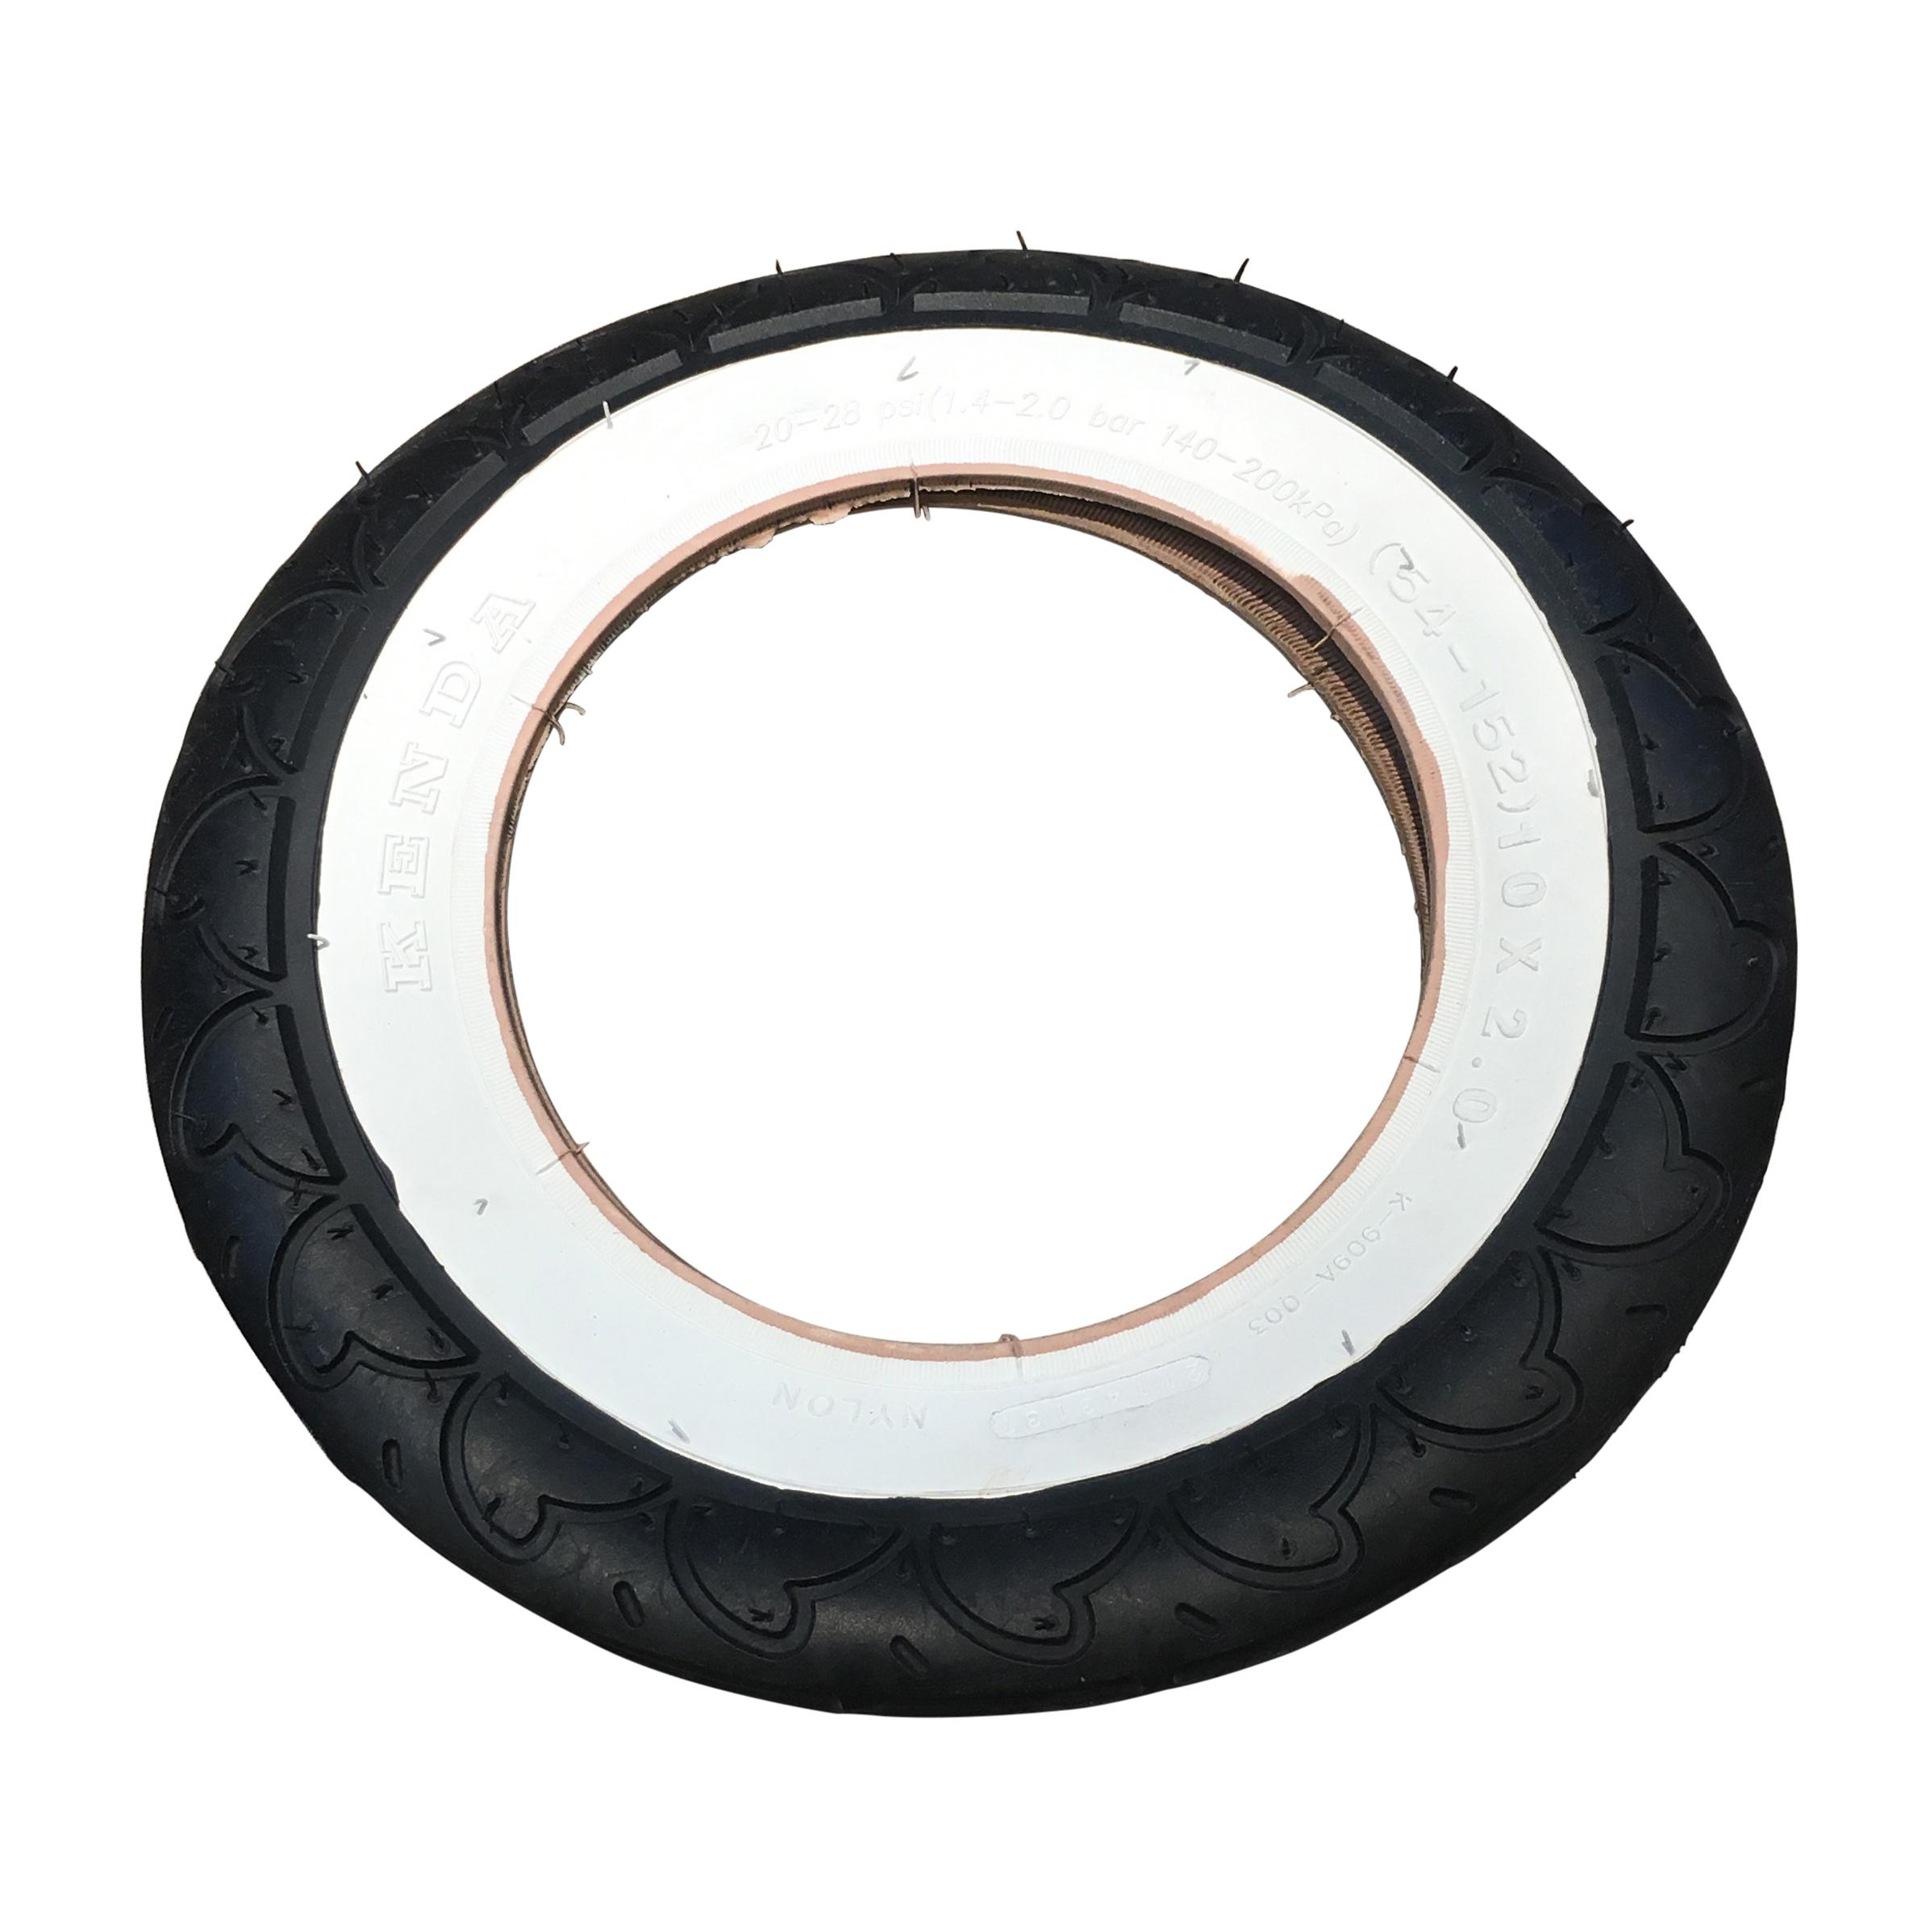 """【タイヤ】Phil&teds 10"""" tire フィルアンドテッズ 10インチタイヤ(チューブなし)×1"""